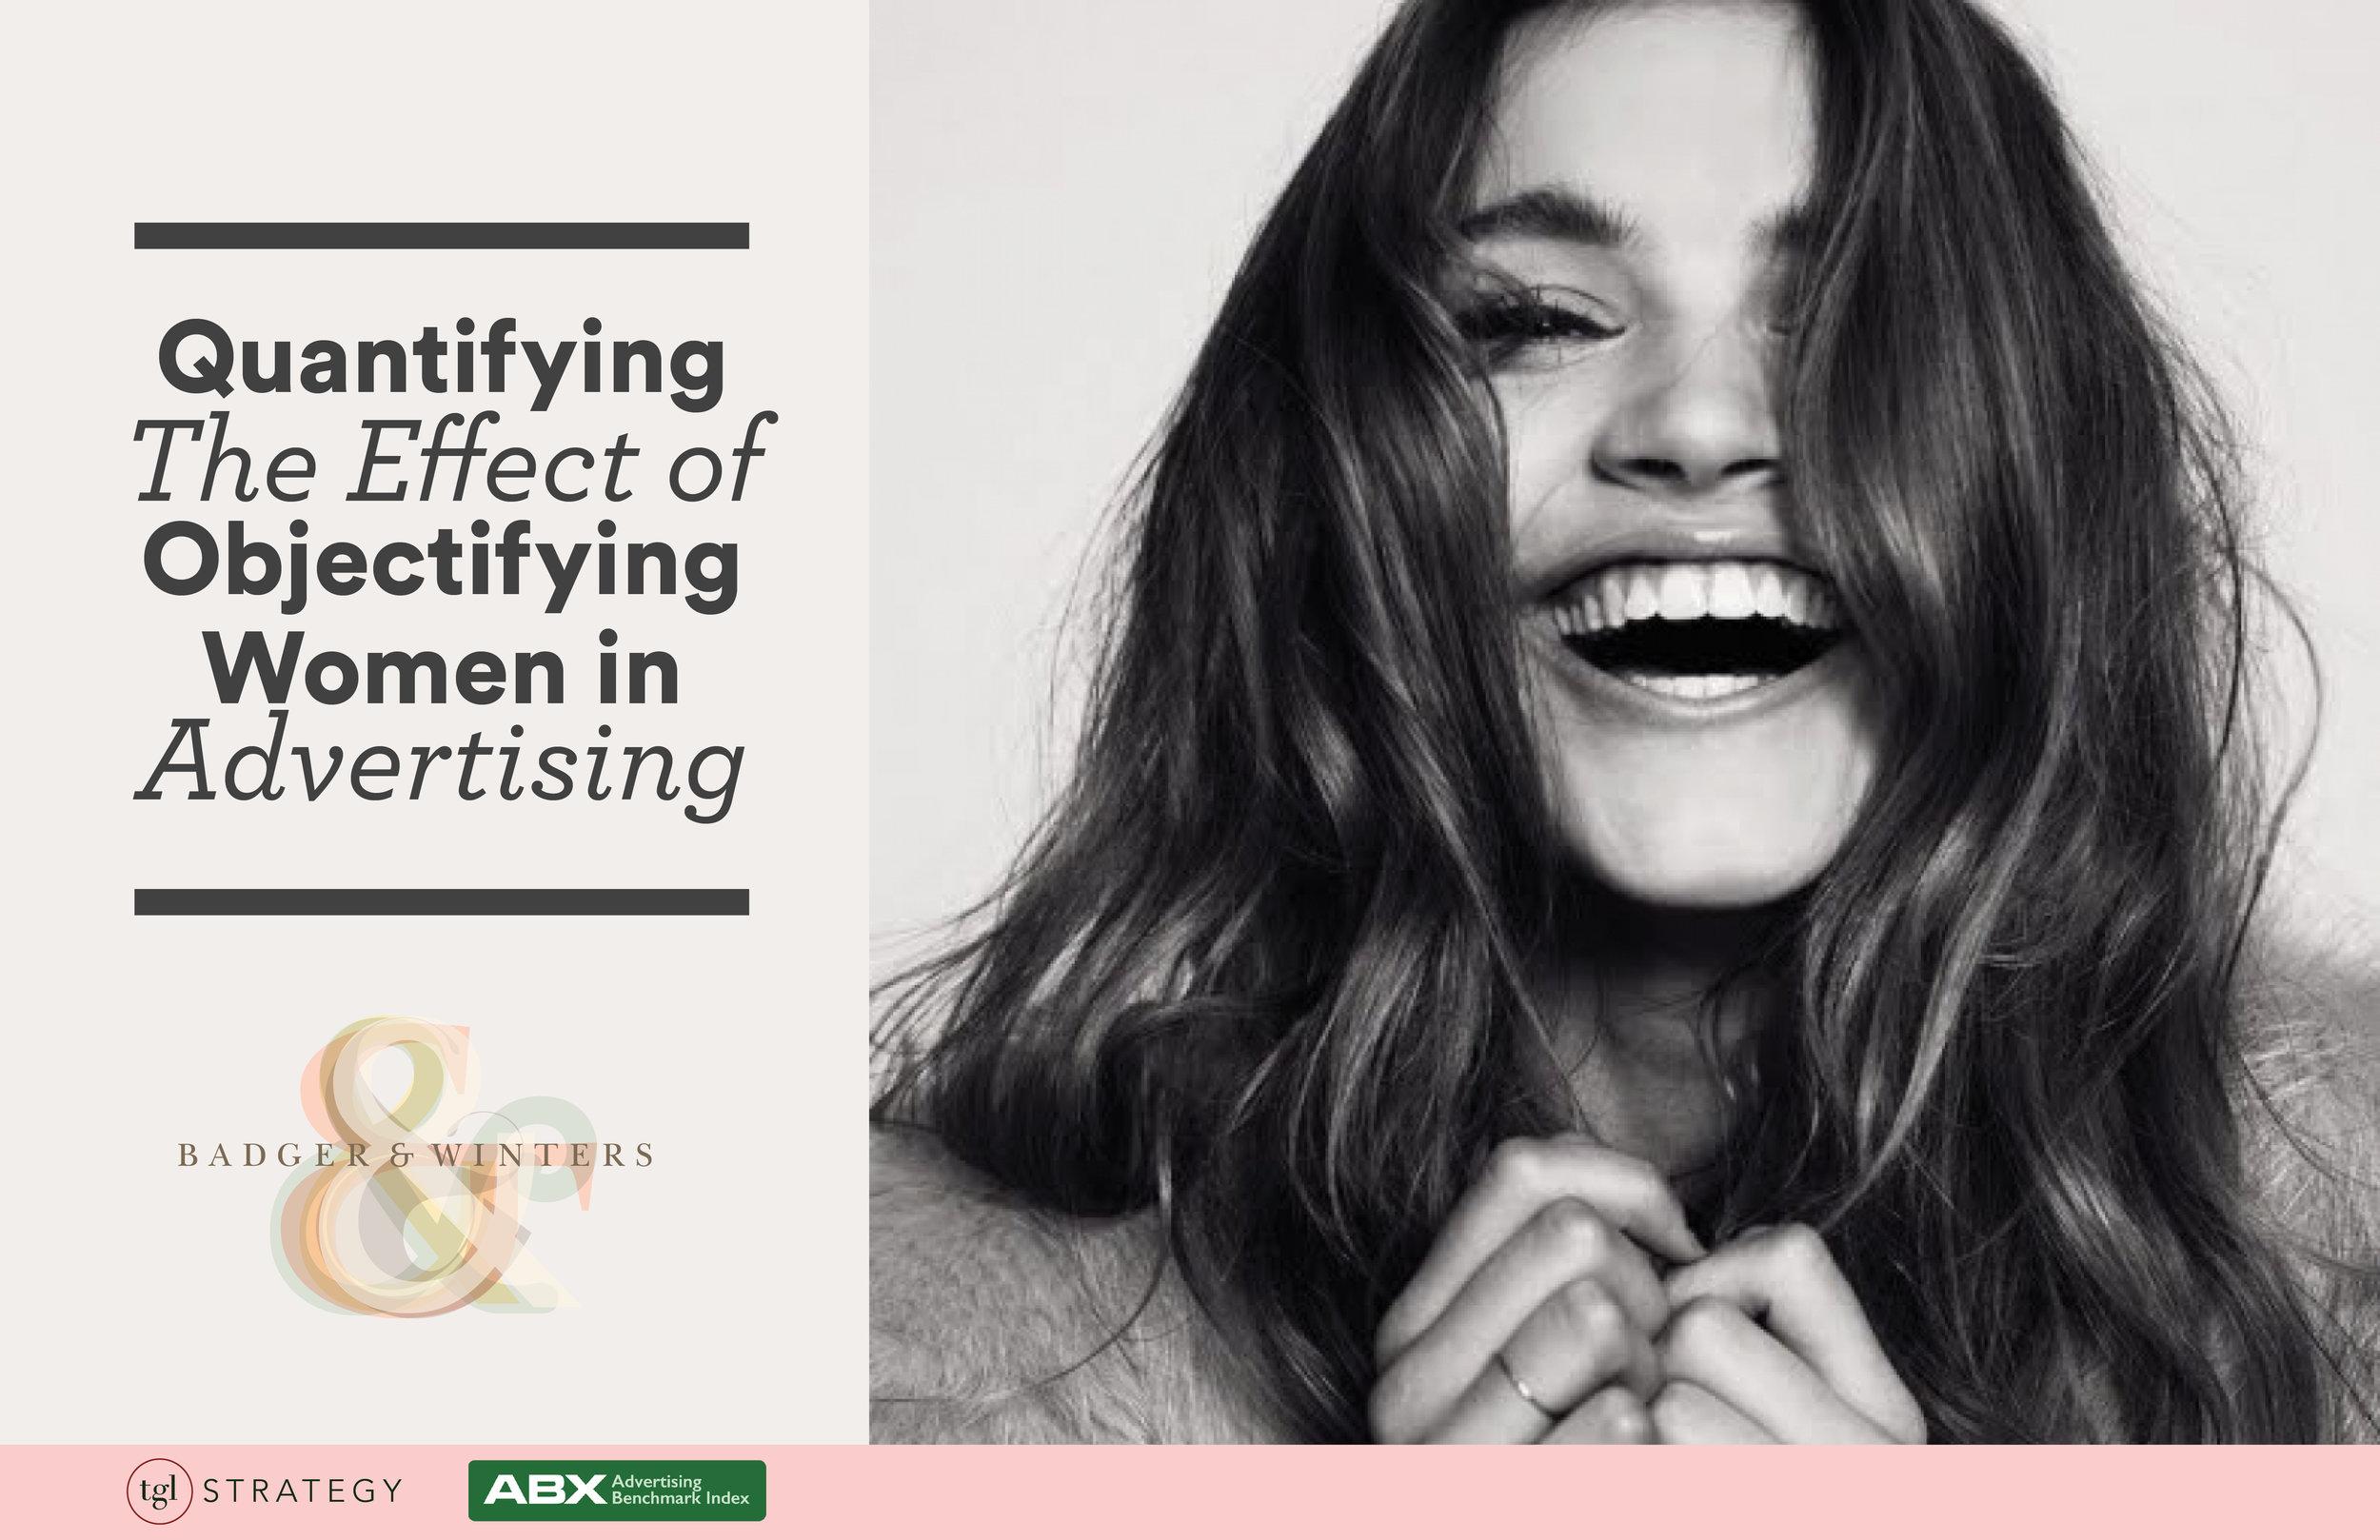 B&W_Objectifying Women in Advertising_9.20.16_V2.jpg